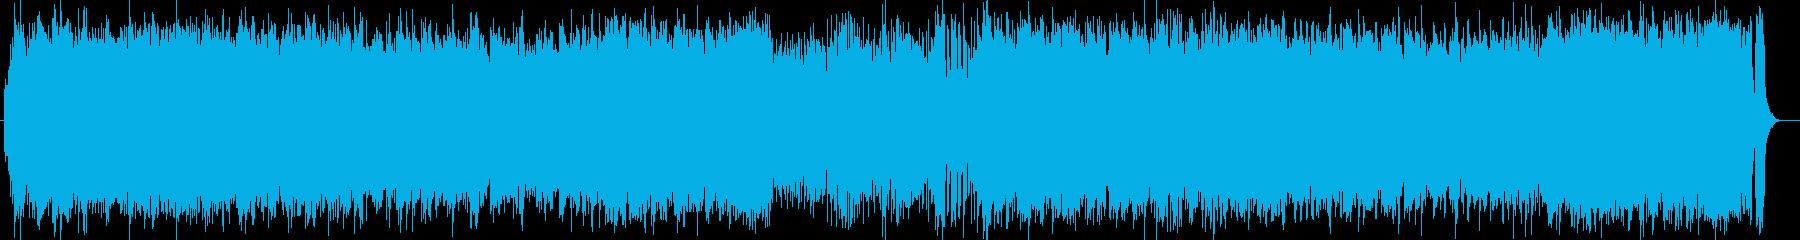 壮大な印象のピアノシンセの再生済みの波形